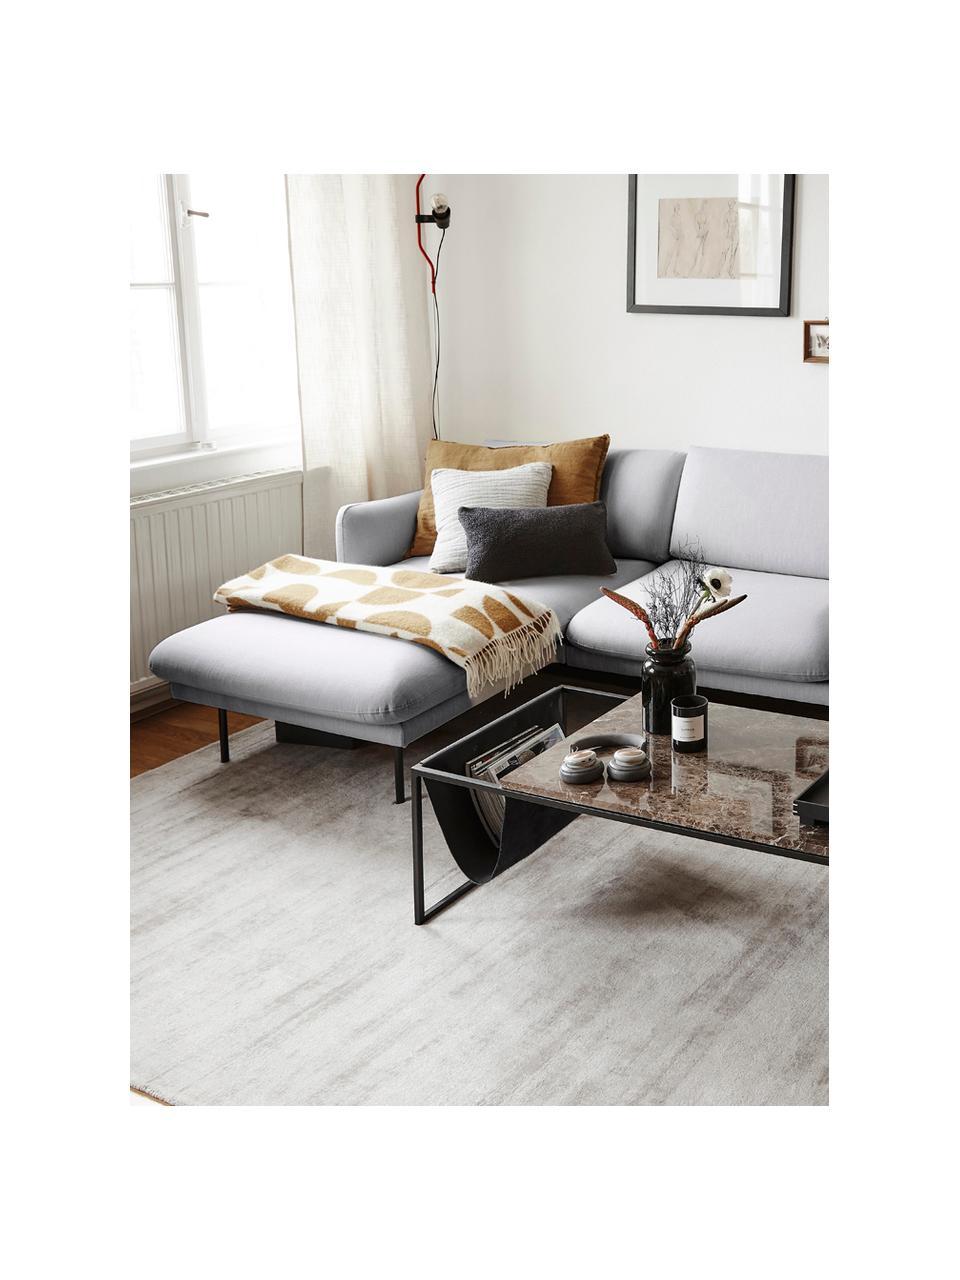 Hoekbank Moby in lichtgrijs met metalen poten, Bekleding: polyester, Frame: massief grenenhout, Poten: gepoedercoat metaal, Lichtgrijs, B 280 x D 160 cm